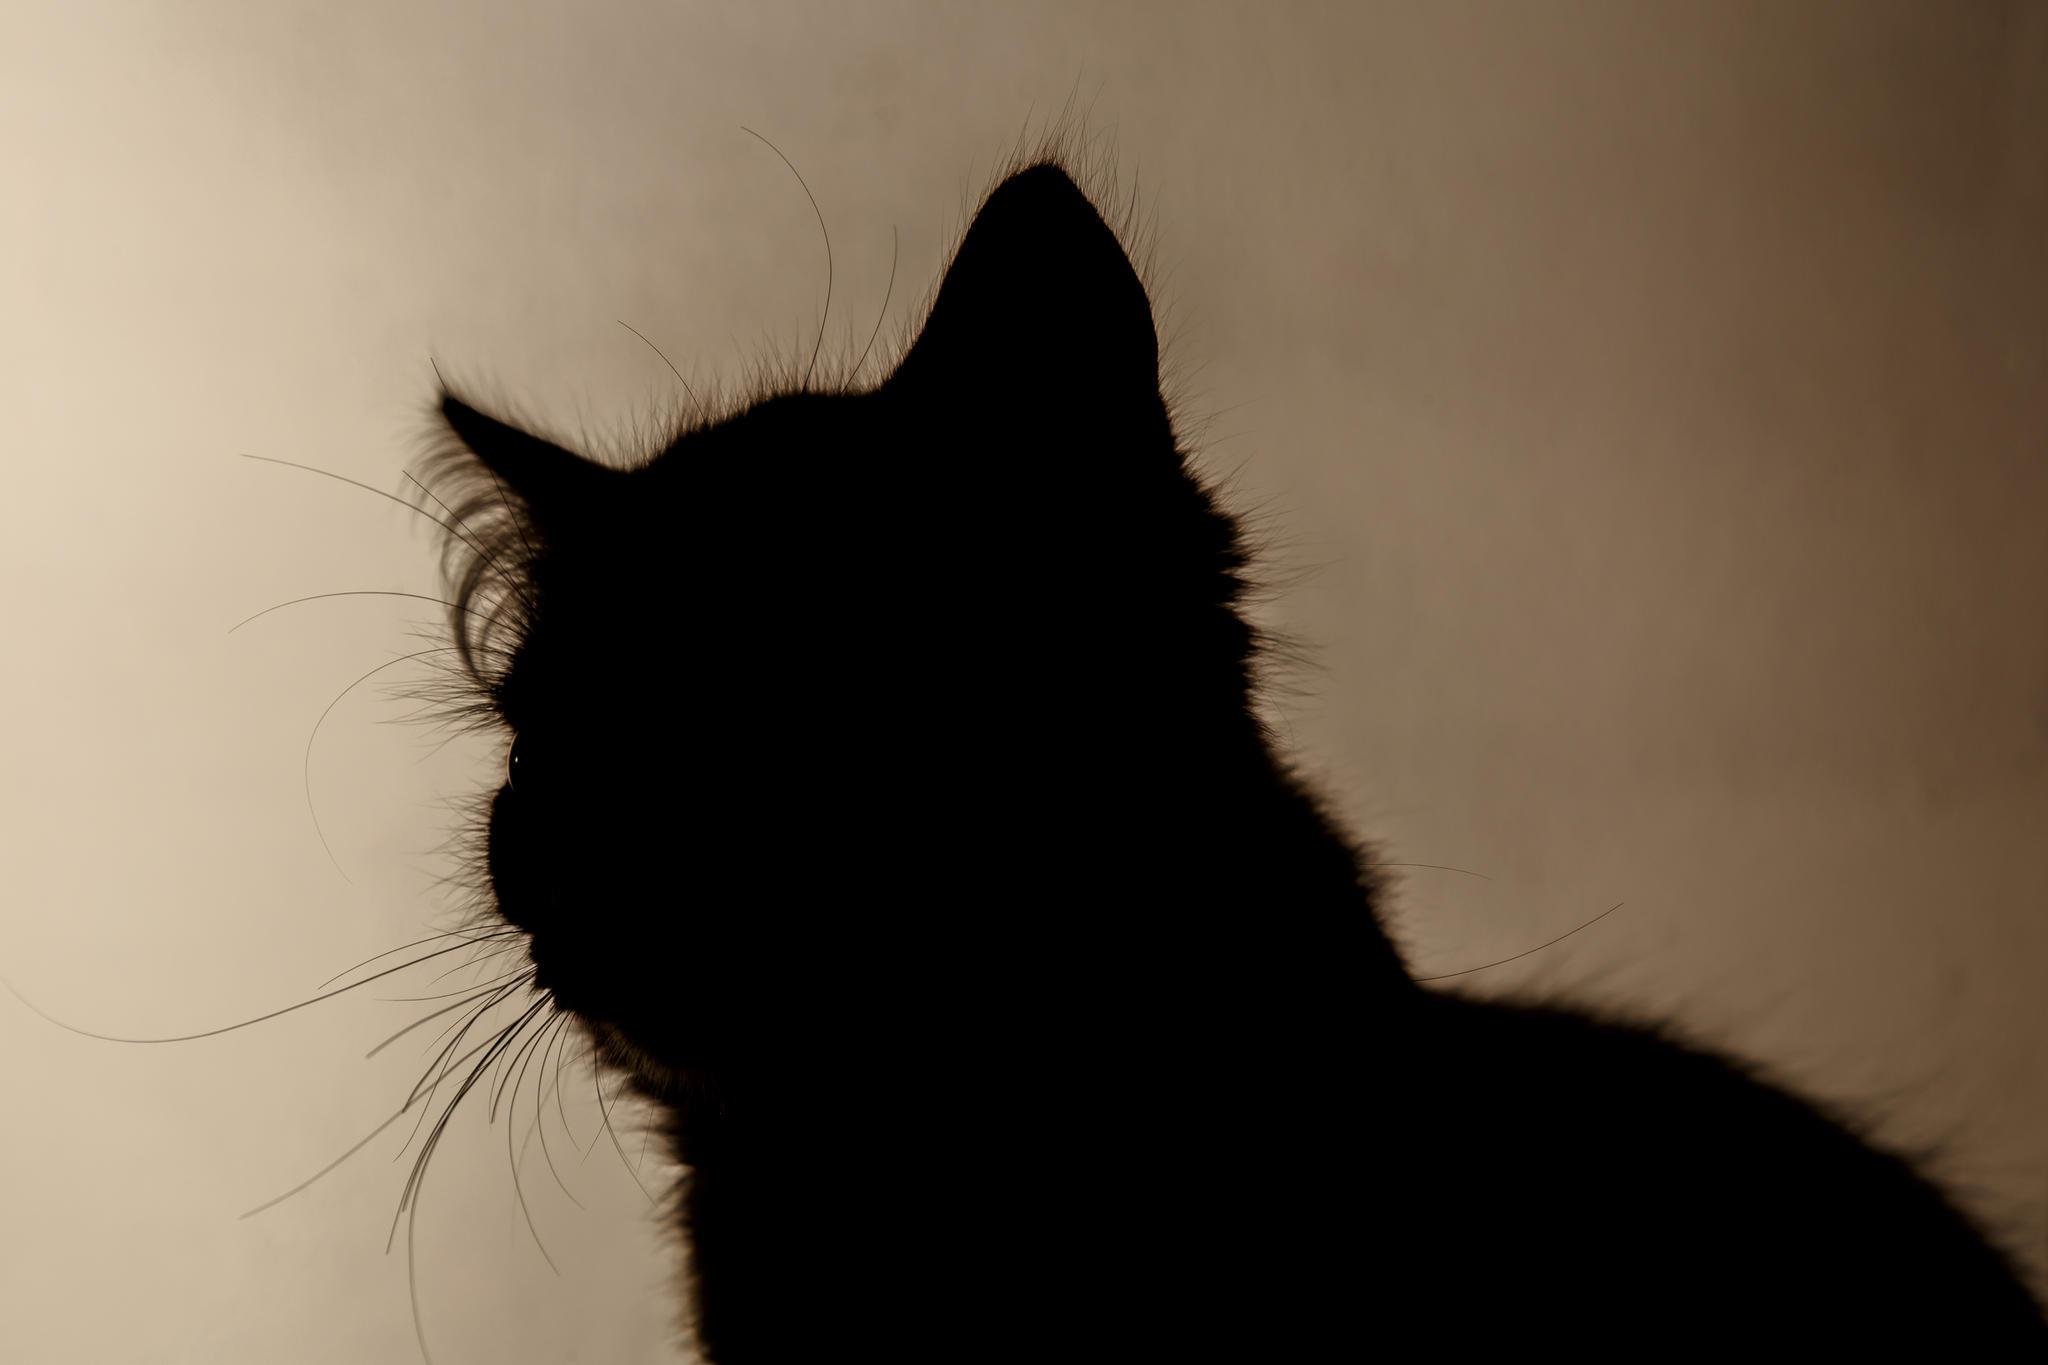 optische t uschung rauf oder runter diese katze ist. Black Bedroom Furniture Sets. Home Design Ideas